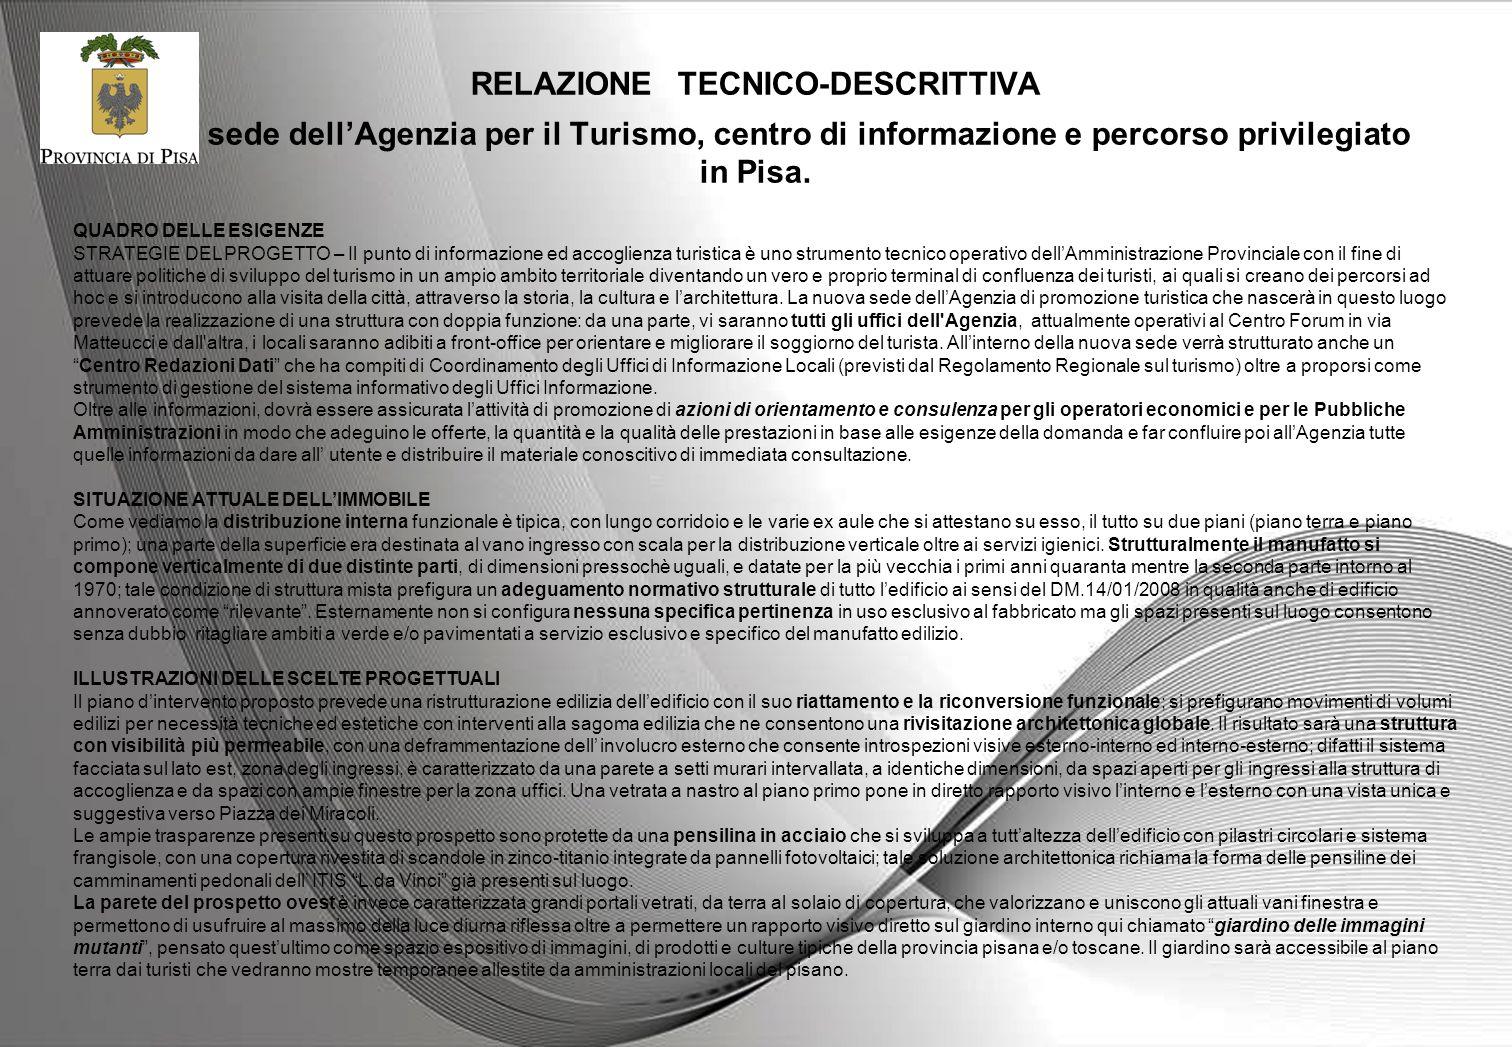 RELAZIONE TECNICO-DESCRITTIVA Nuova sede dell'Agenzia per il Turismo, centro di informazione e percorso privilegiato in Pisa.